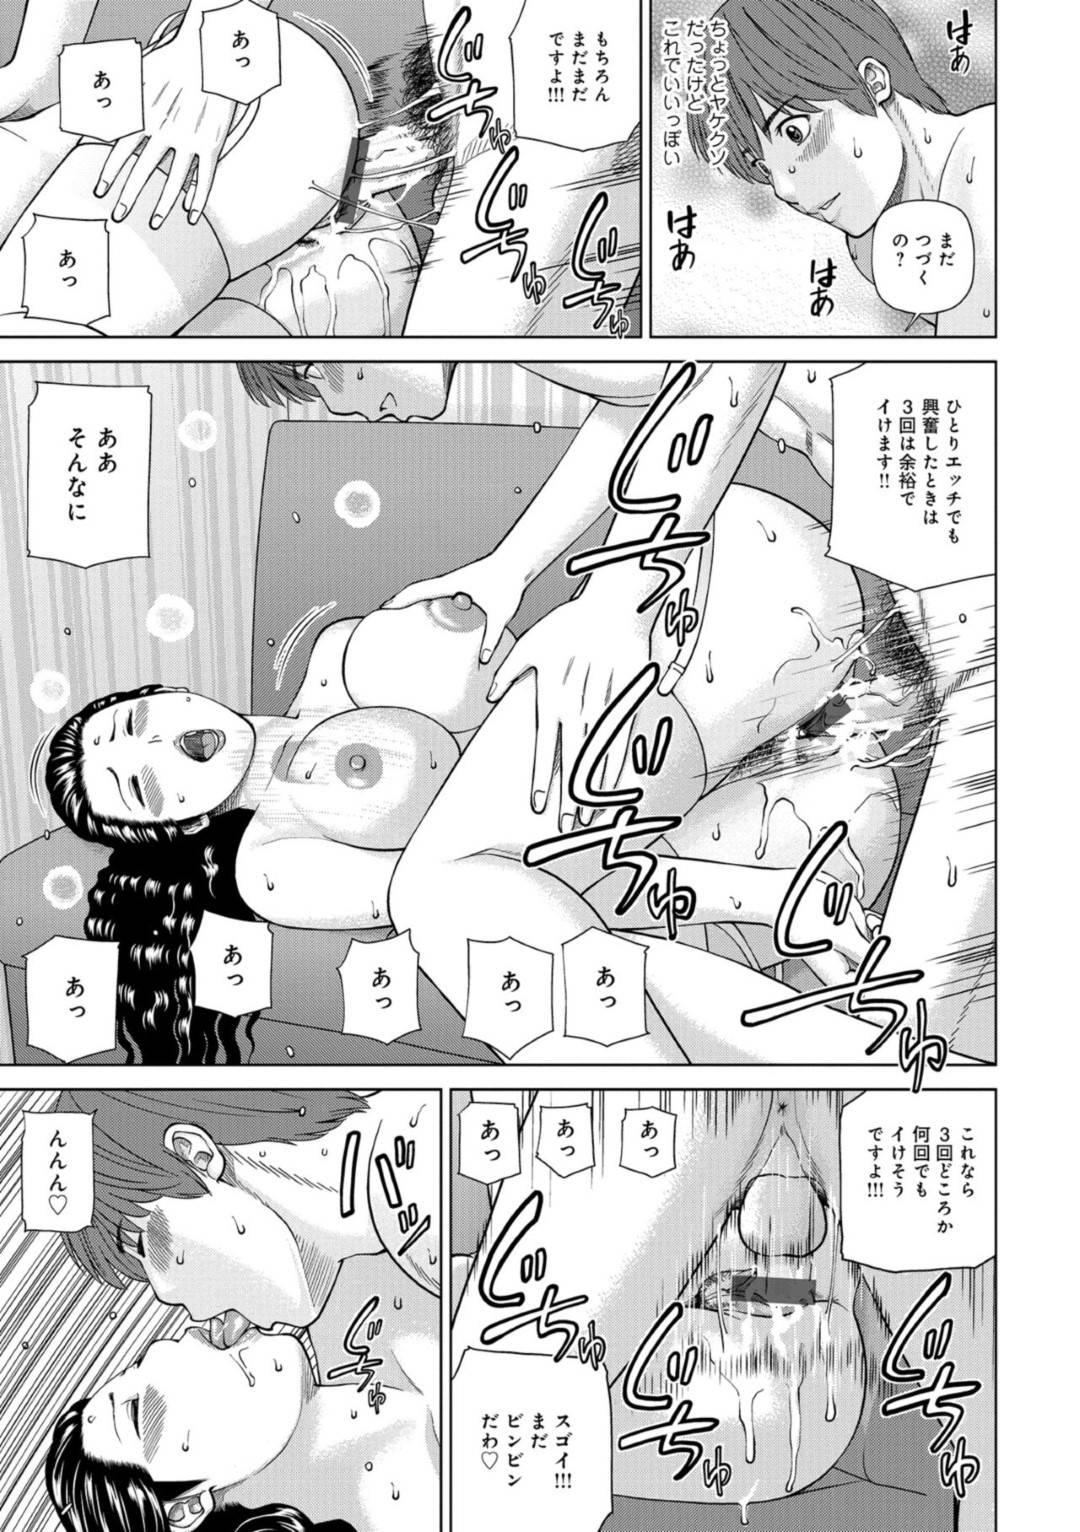 【エロ漫画】バイト先のヤらせてくれる美人な人妻…逆レイプに手コキしてバックでトロ顔に童貞を筆下ろししちゃう!【黒木秀彦:躍る人妻〜疼いて濡れて身悶えて〜】